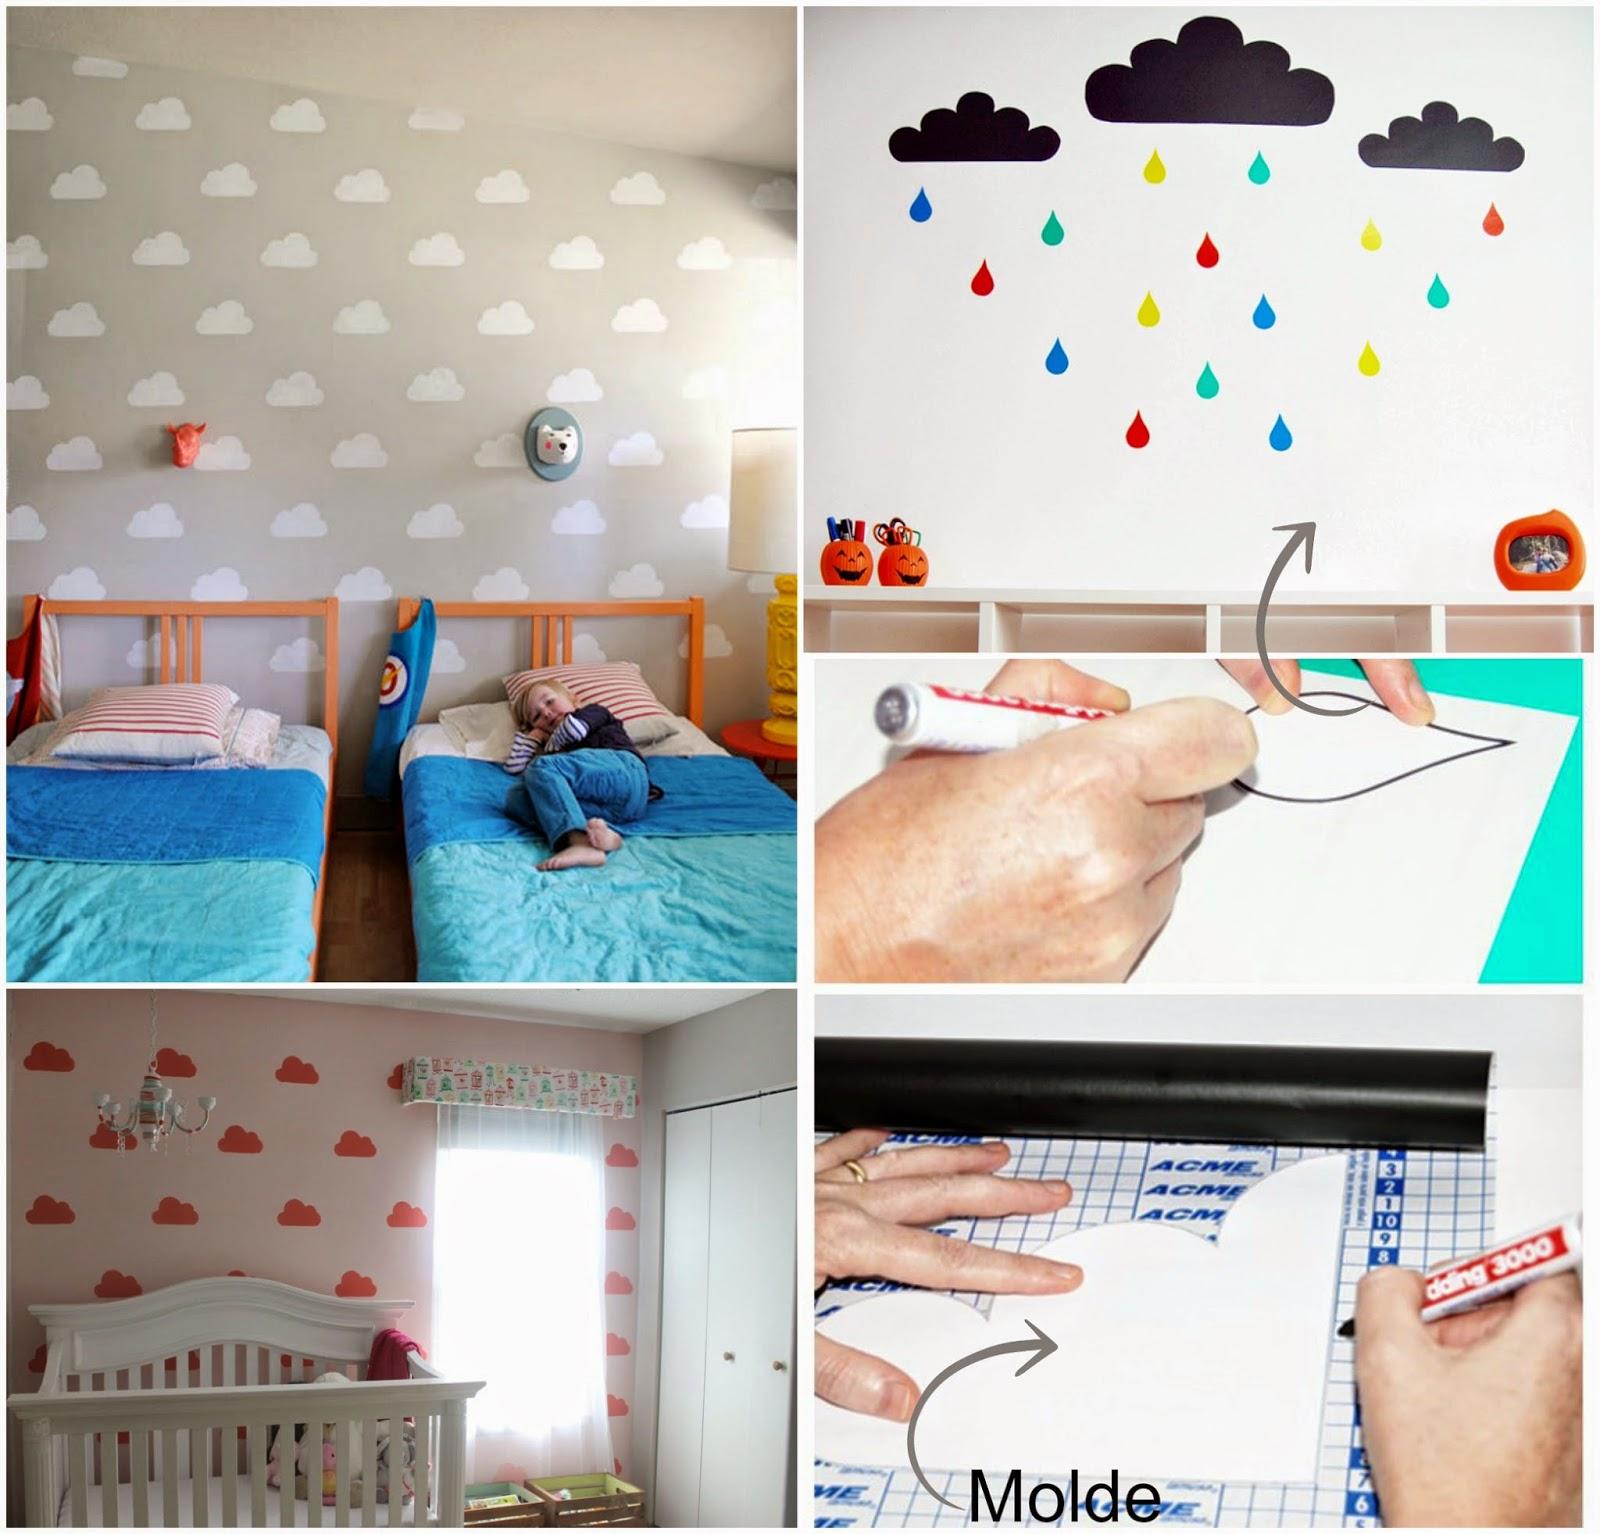 Casa Montada Como Estampar A Parede Das Crianças Usando Papel Contact